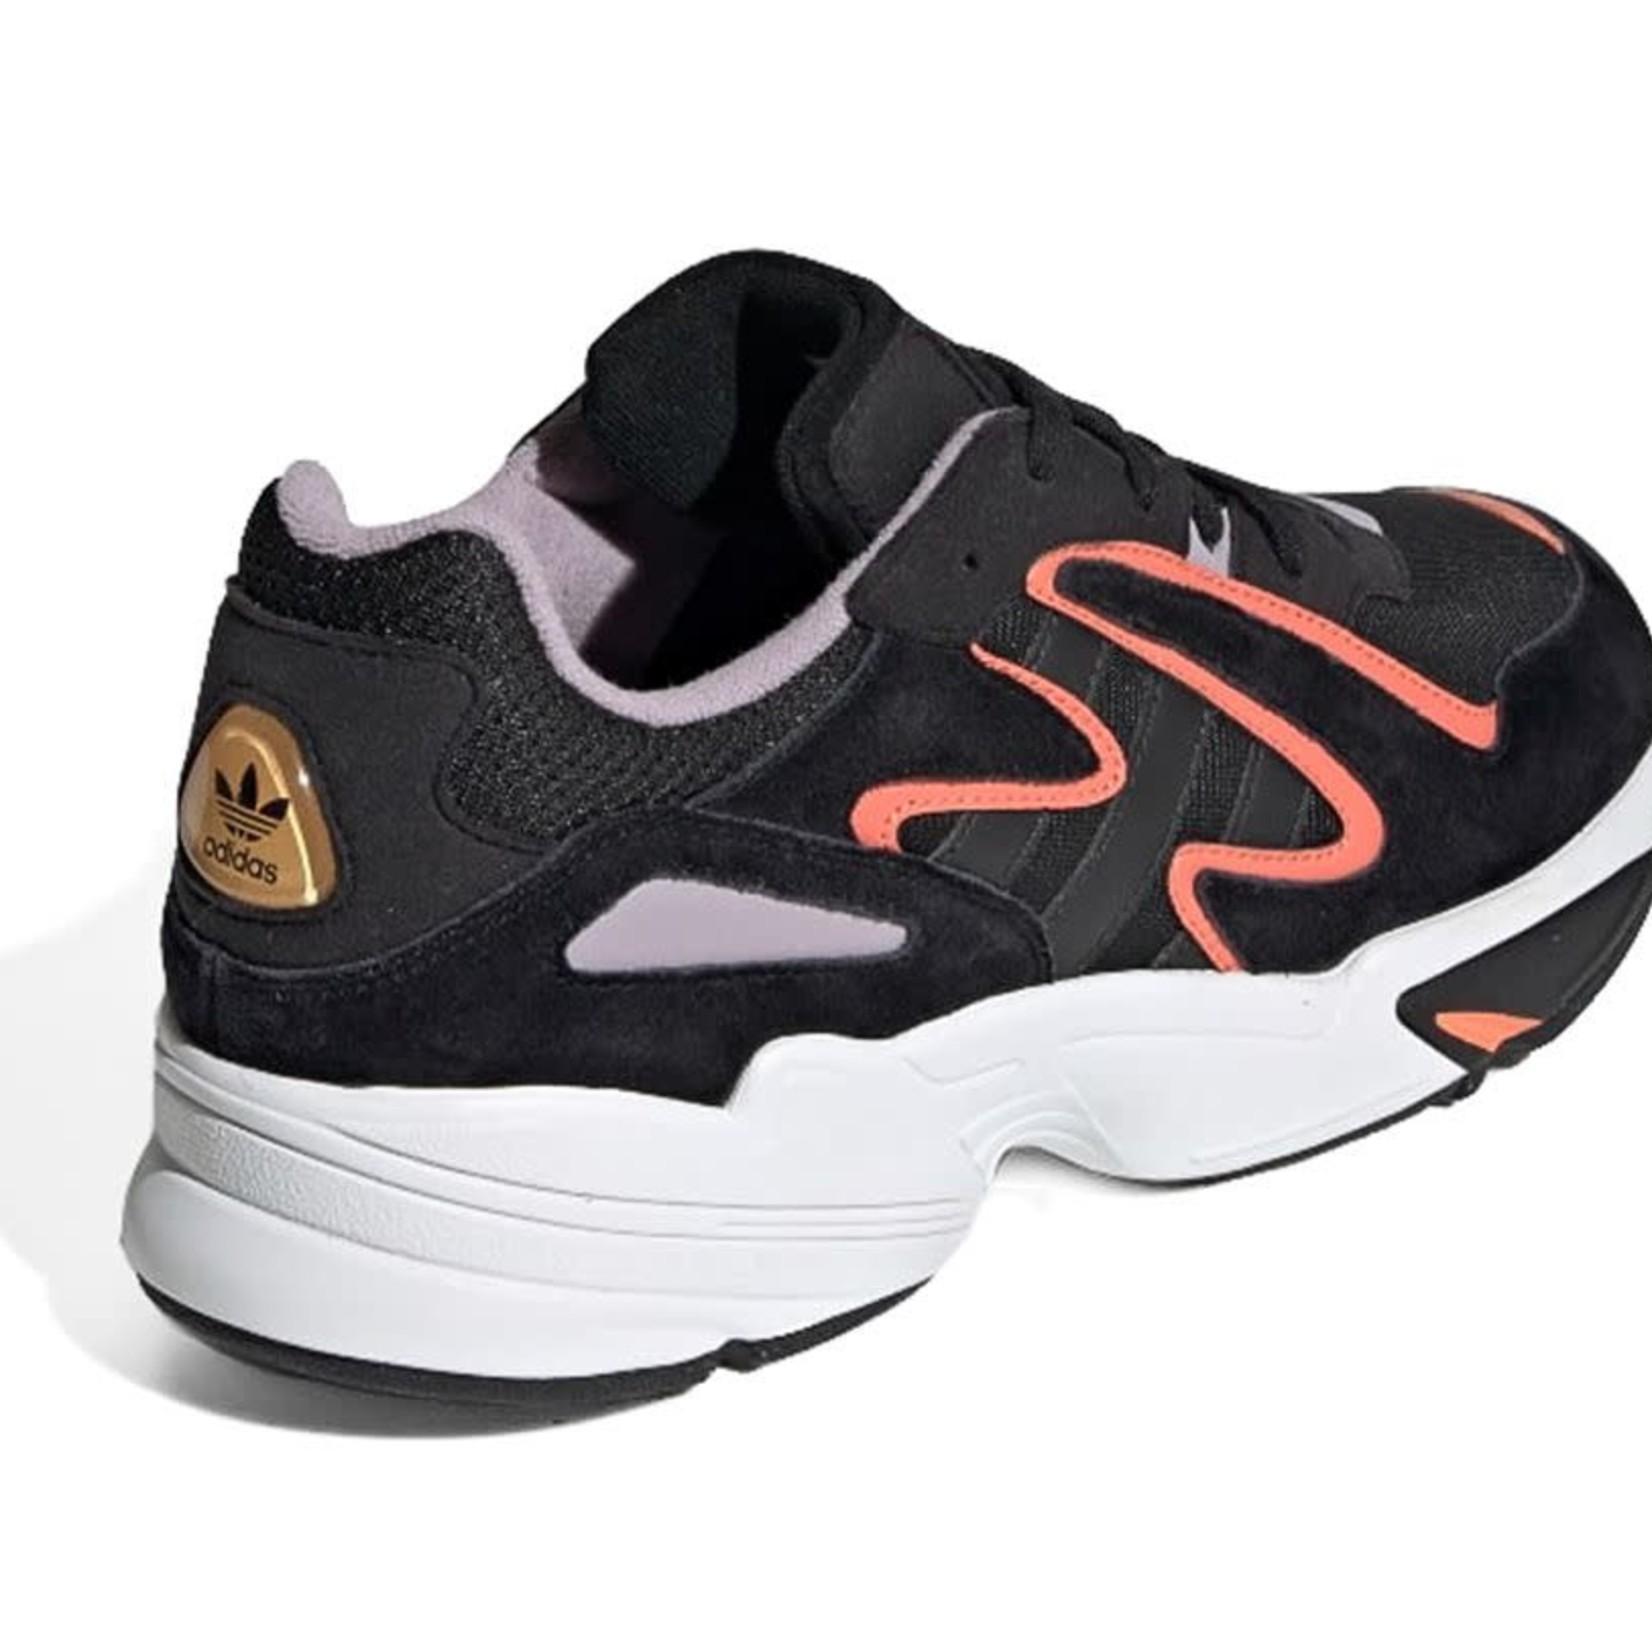 Adidas Adidas : Yung-96 Chasm Shoes